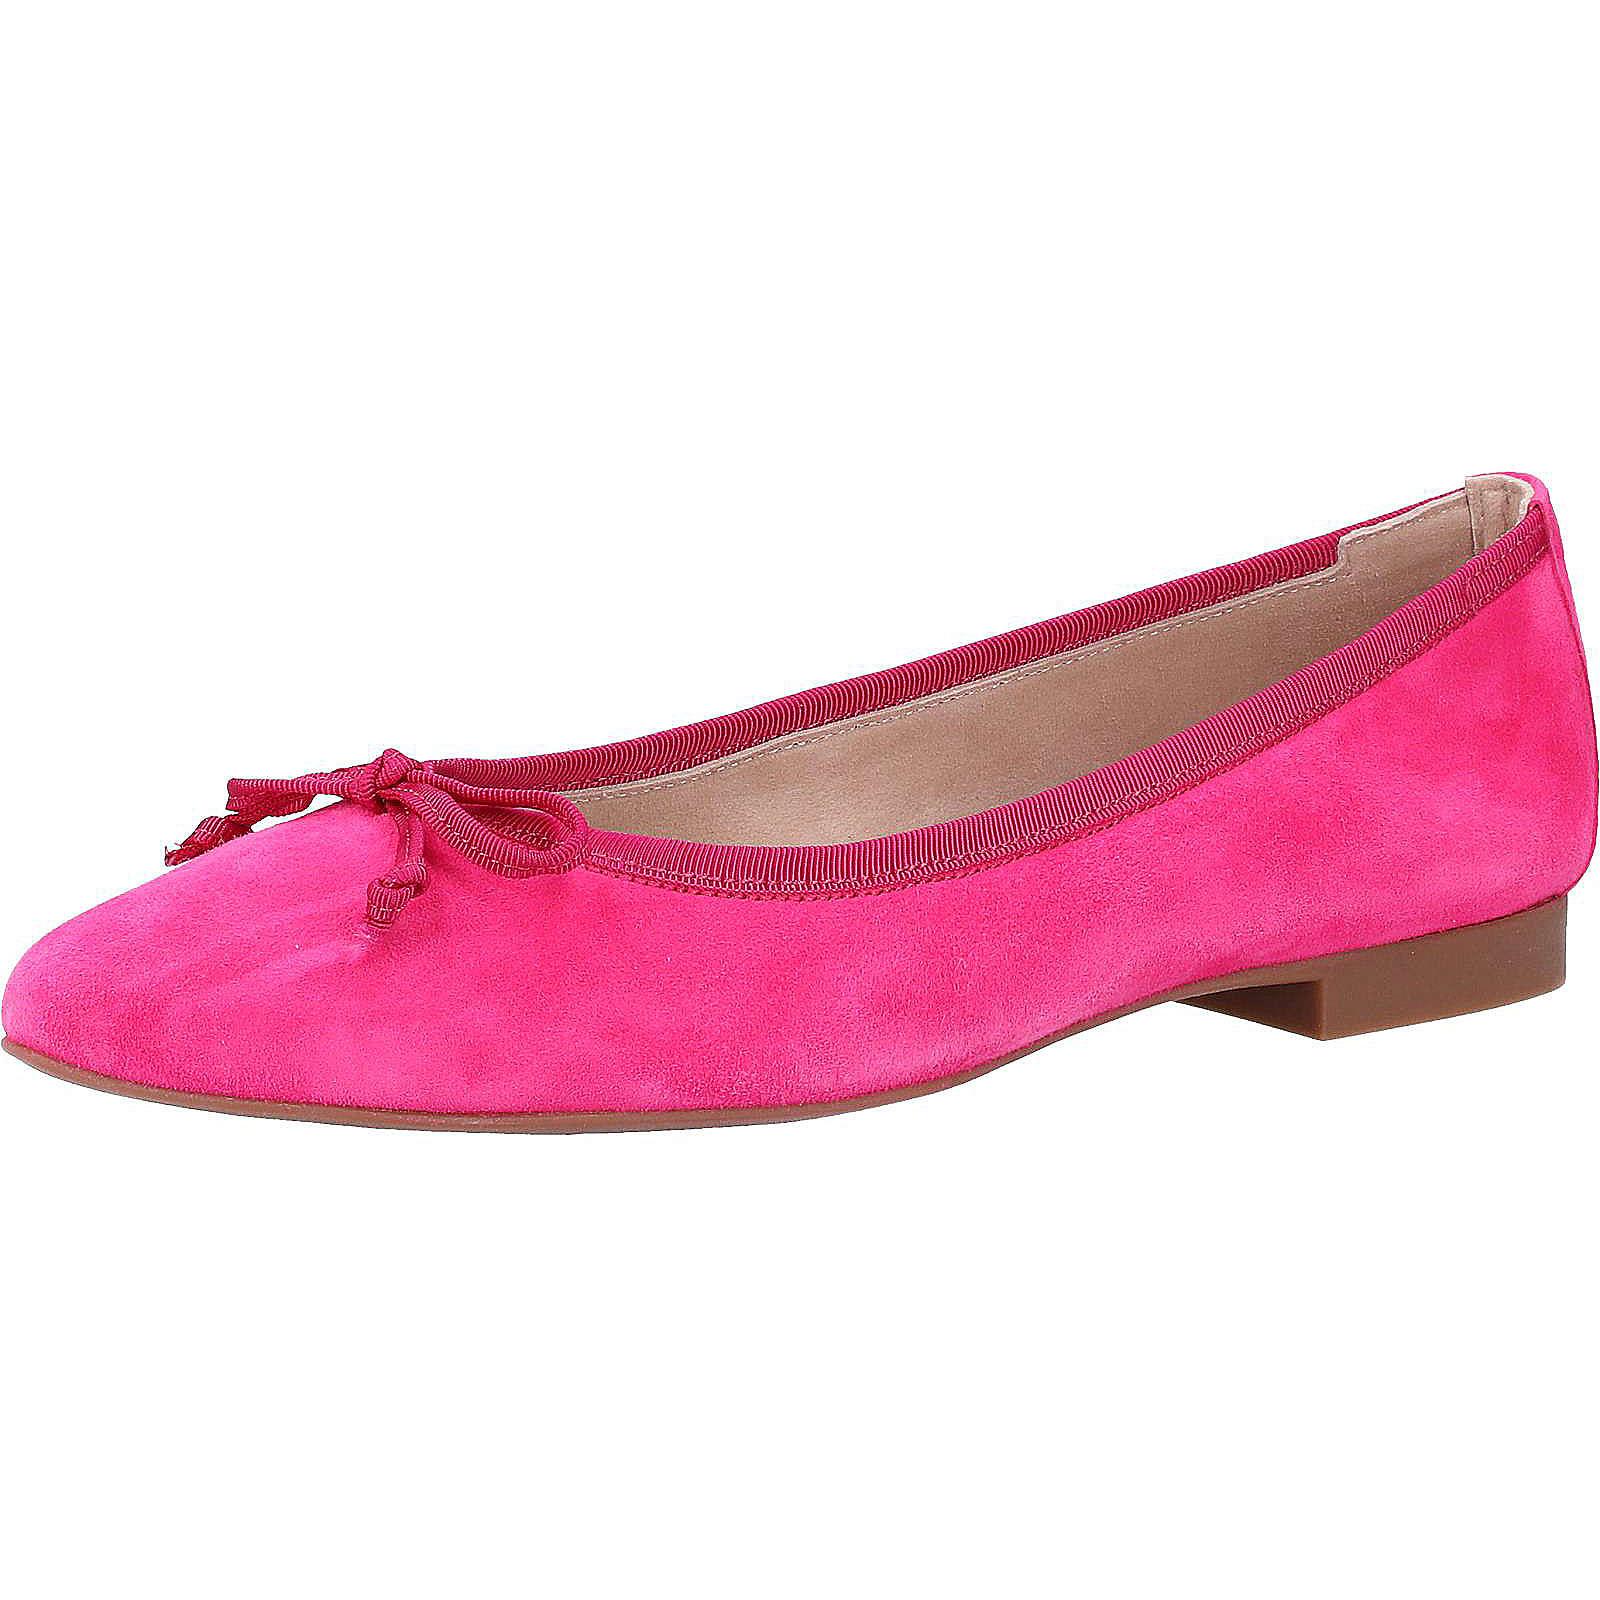 Paul Green Ballerinas Klassische Ballerinas rosa Damen Gr. 37,5